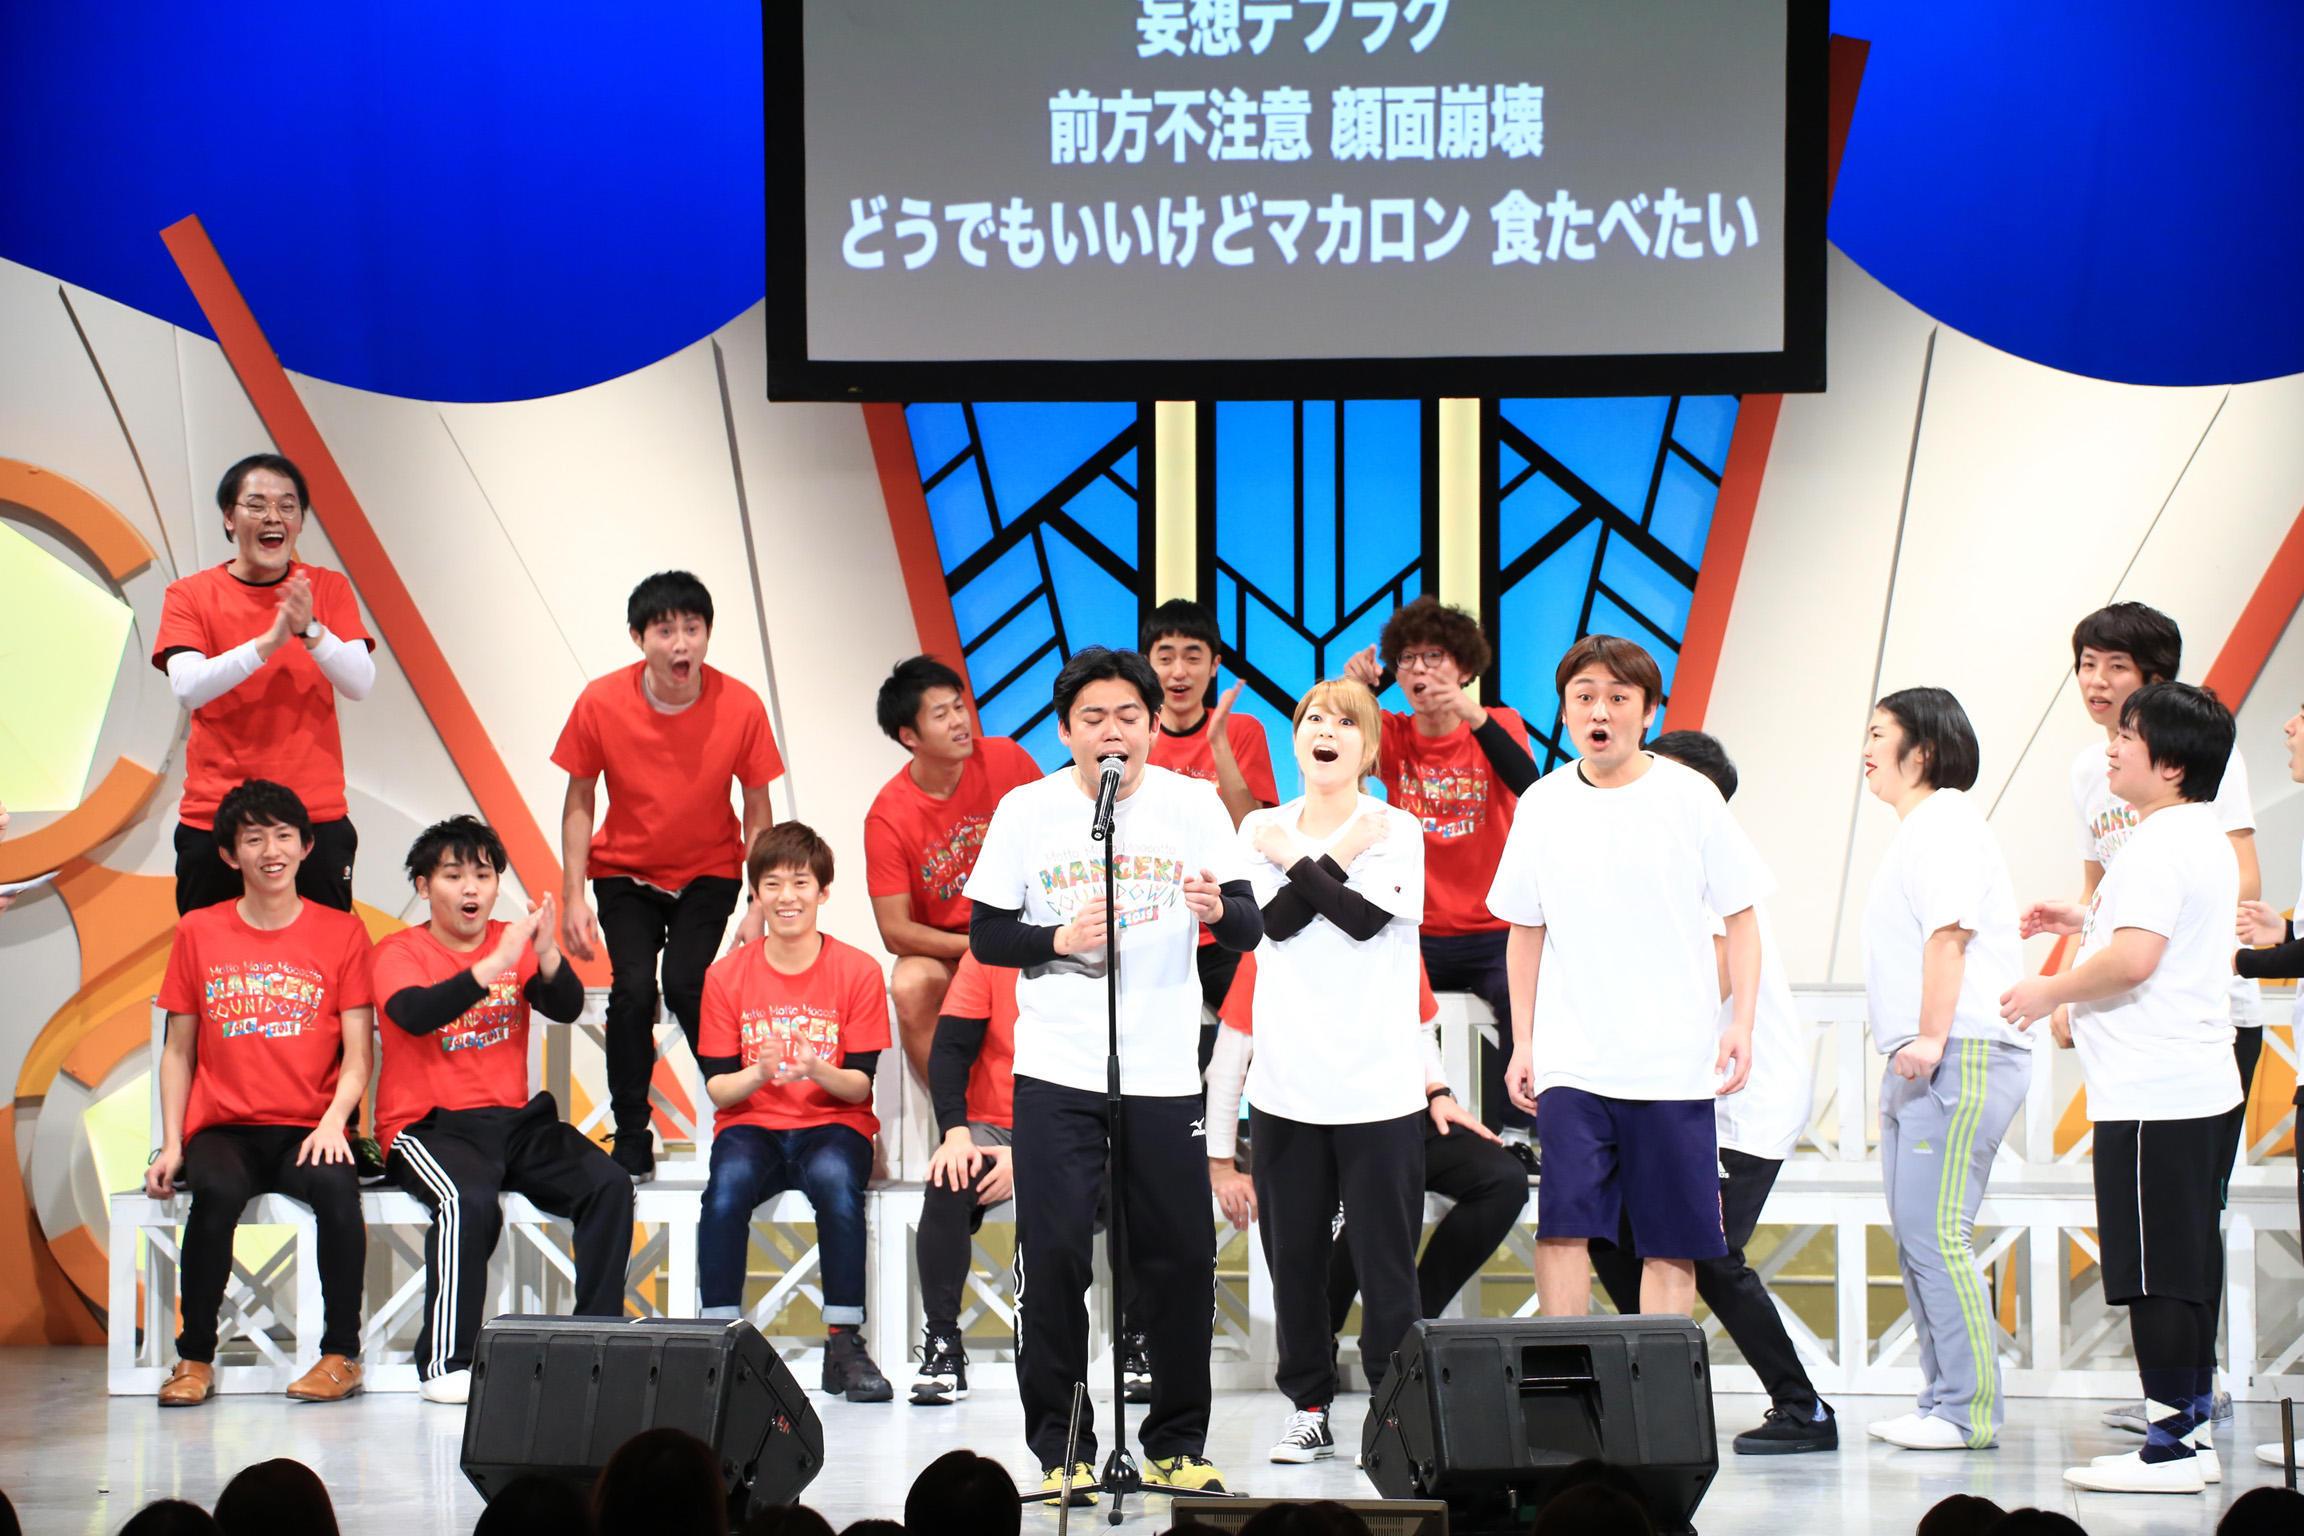 http://news.yoshimoto.co.jp/20190101110056-31058770b10b44d01a95daab589901bf3b015d5a.jpg